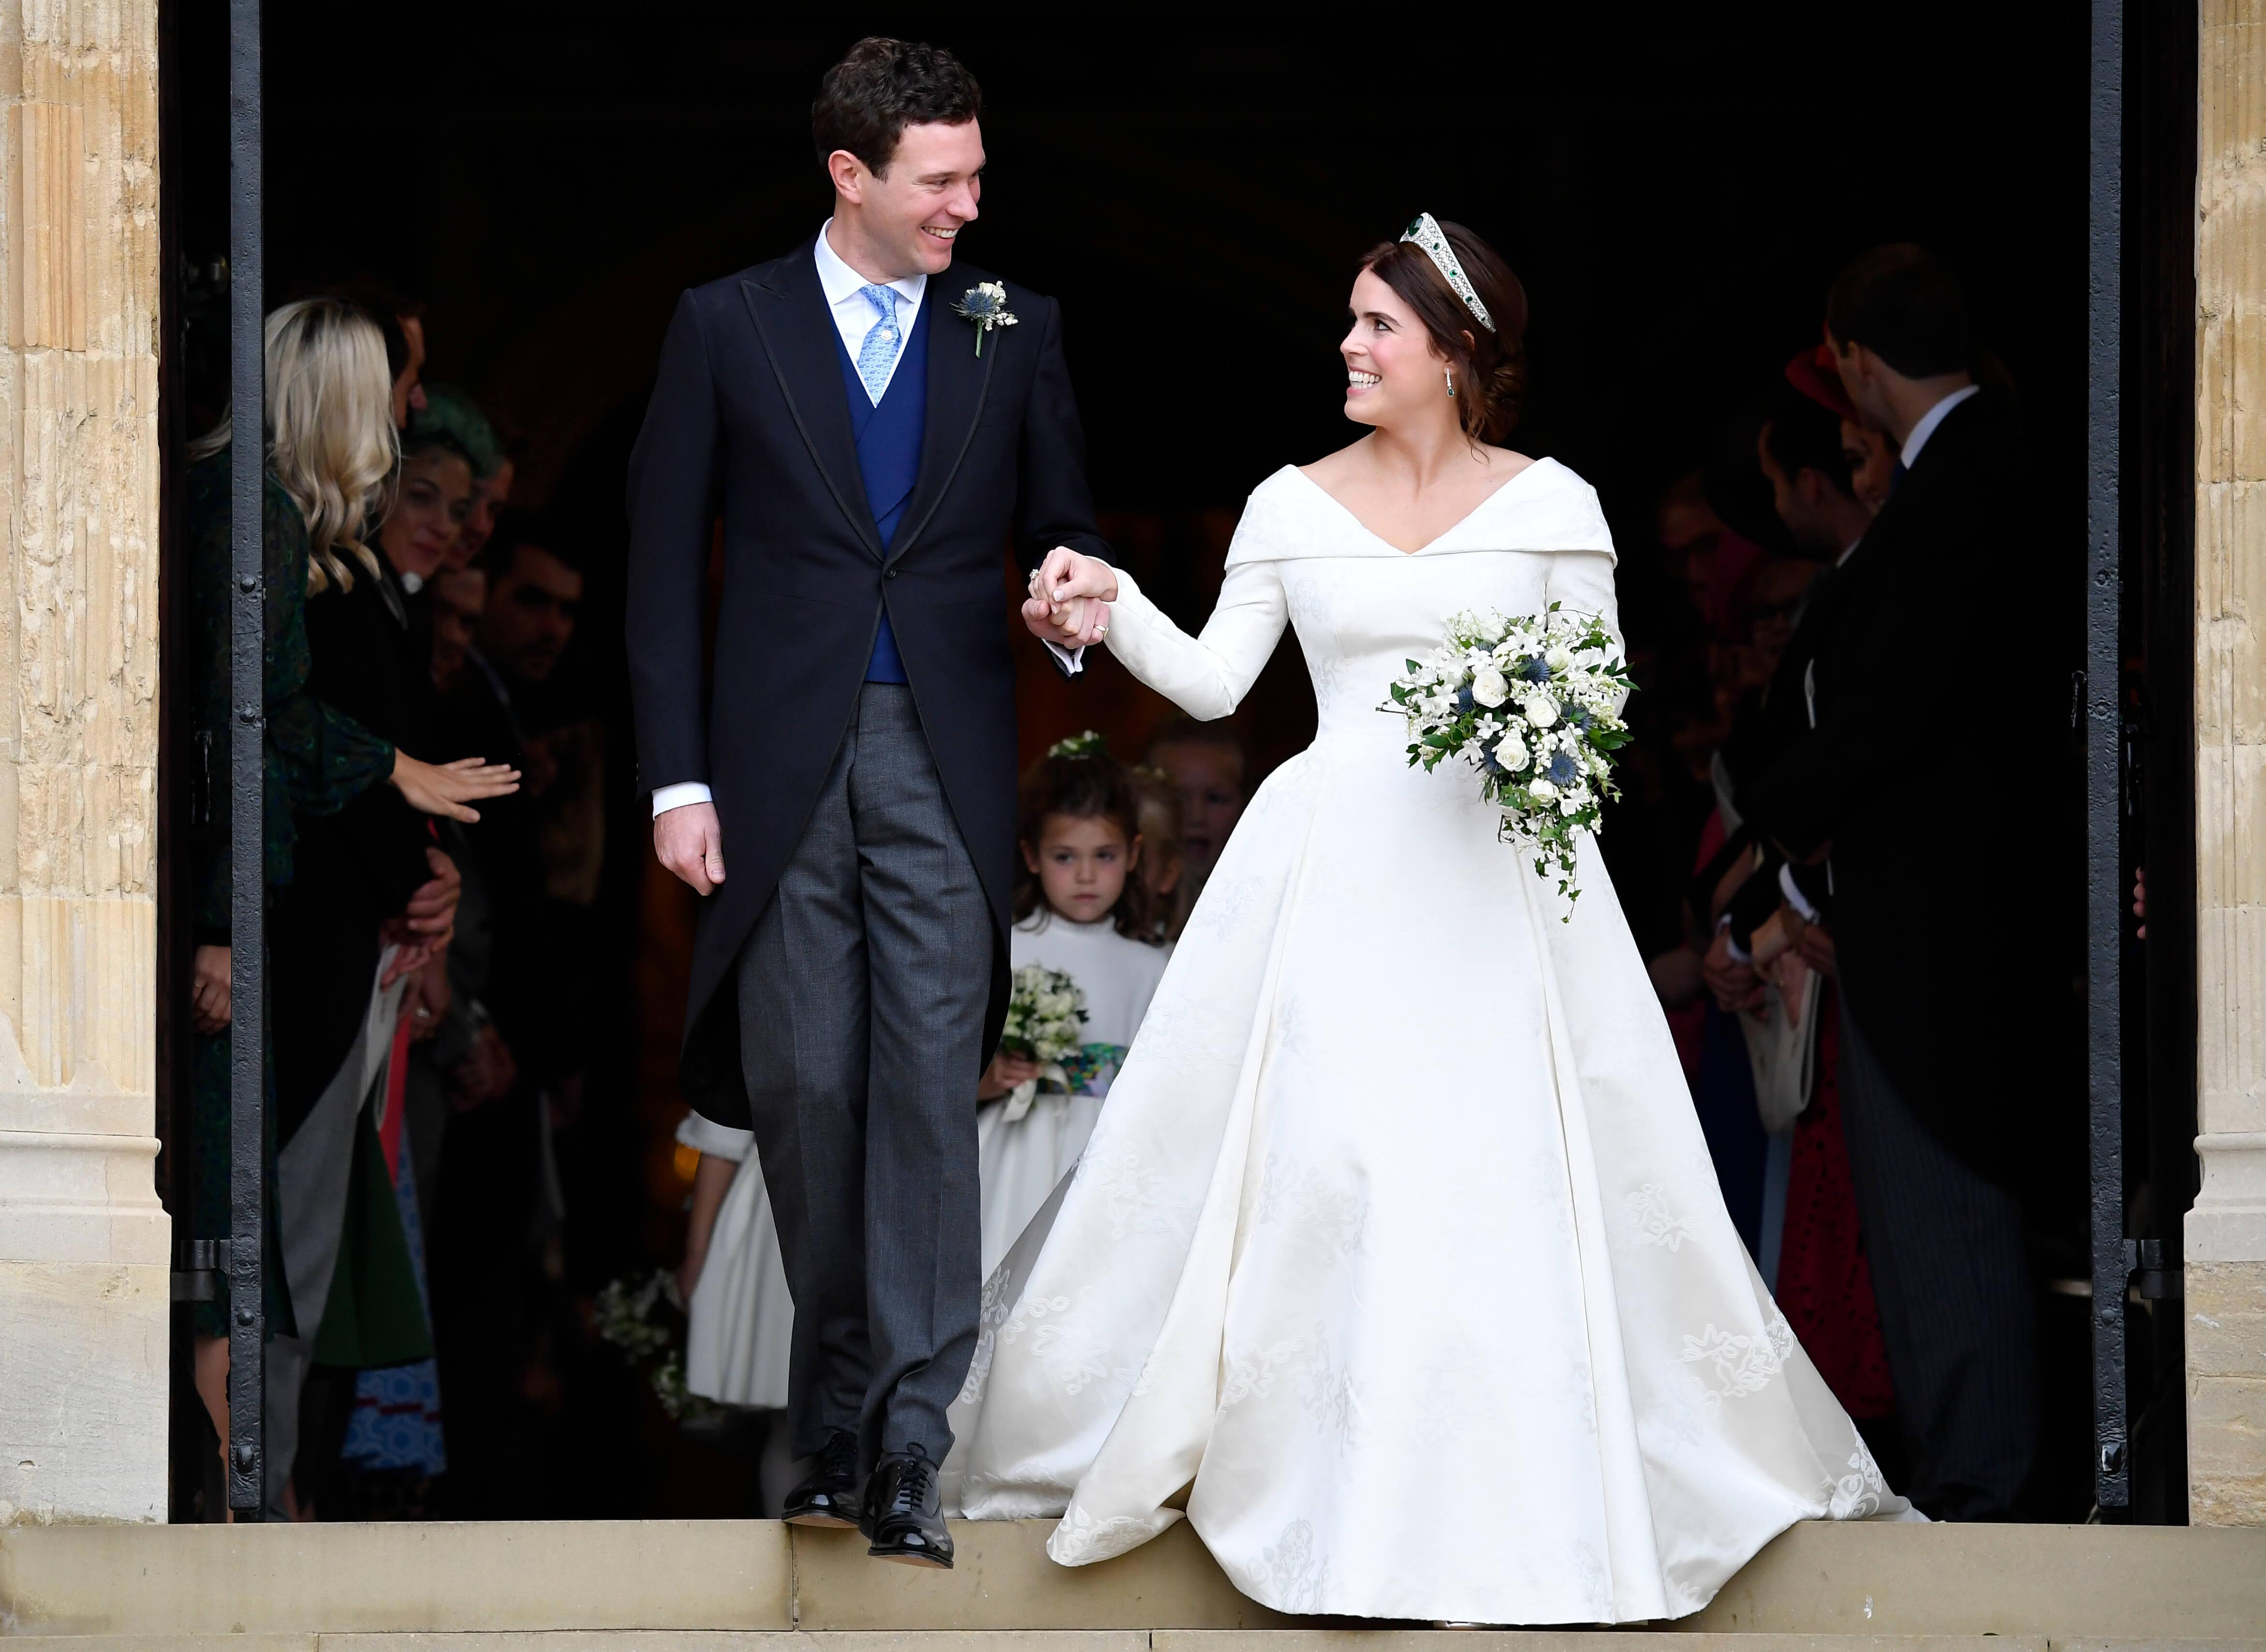 Hochzeit Prinzessin Eugenie und Jack Brooksbank